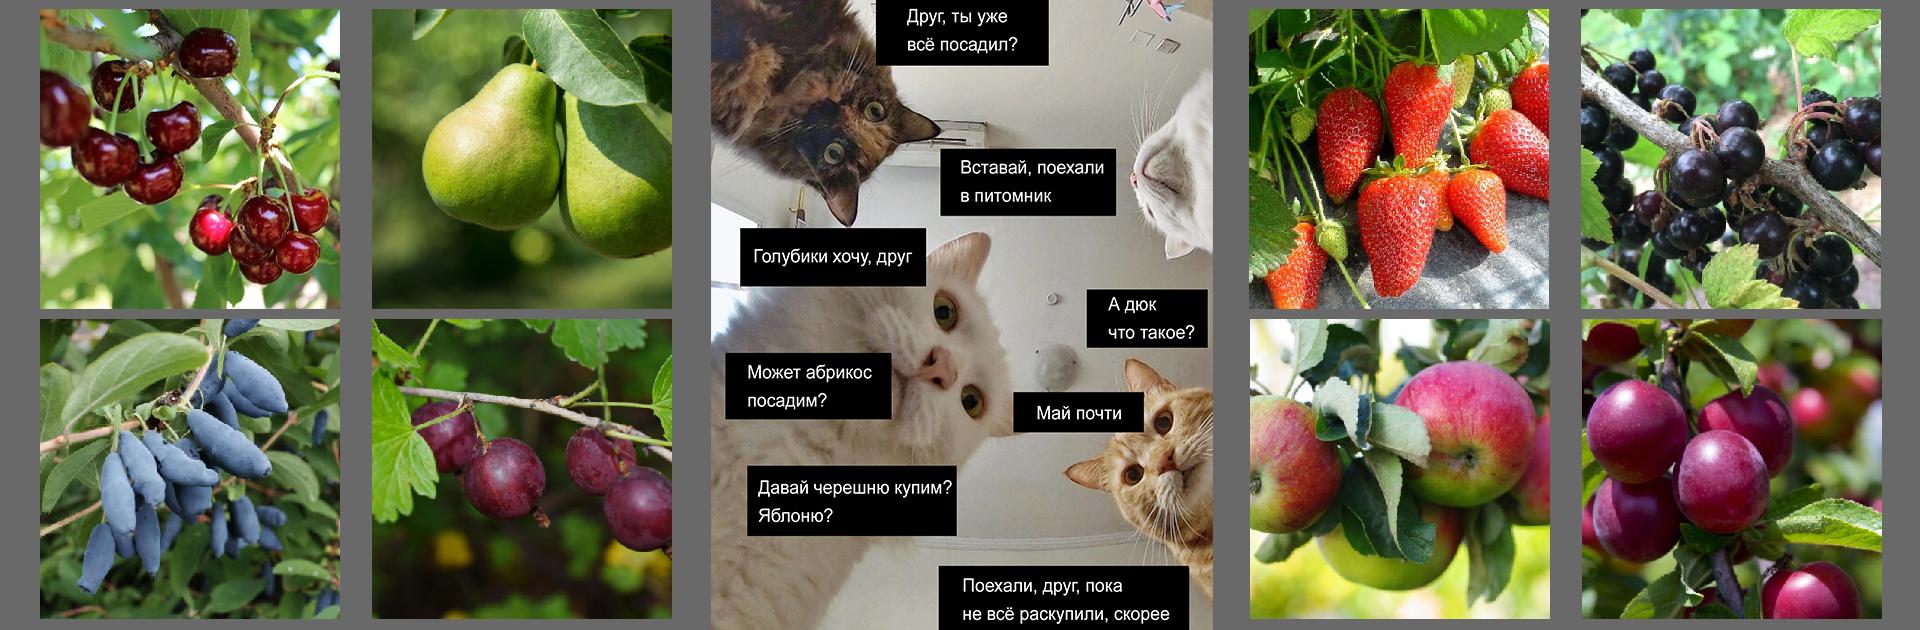 Котизм